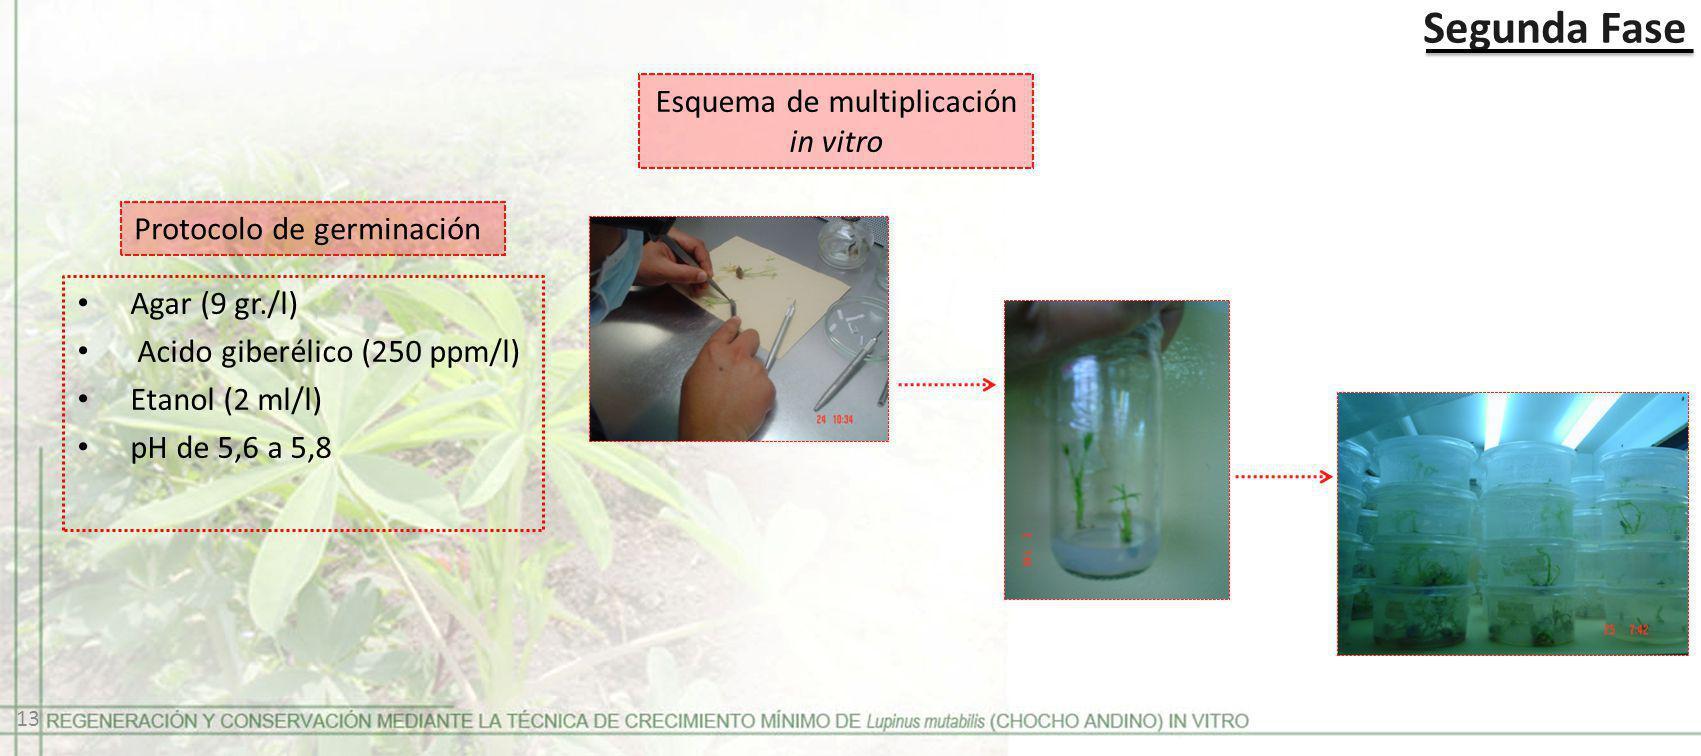 Esquema de multiplicación in vitro